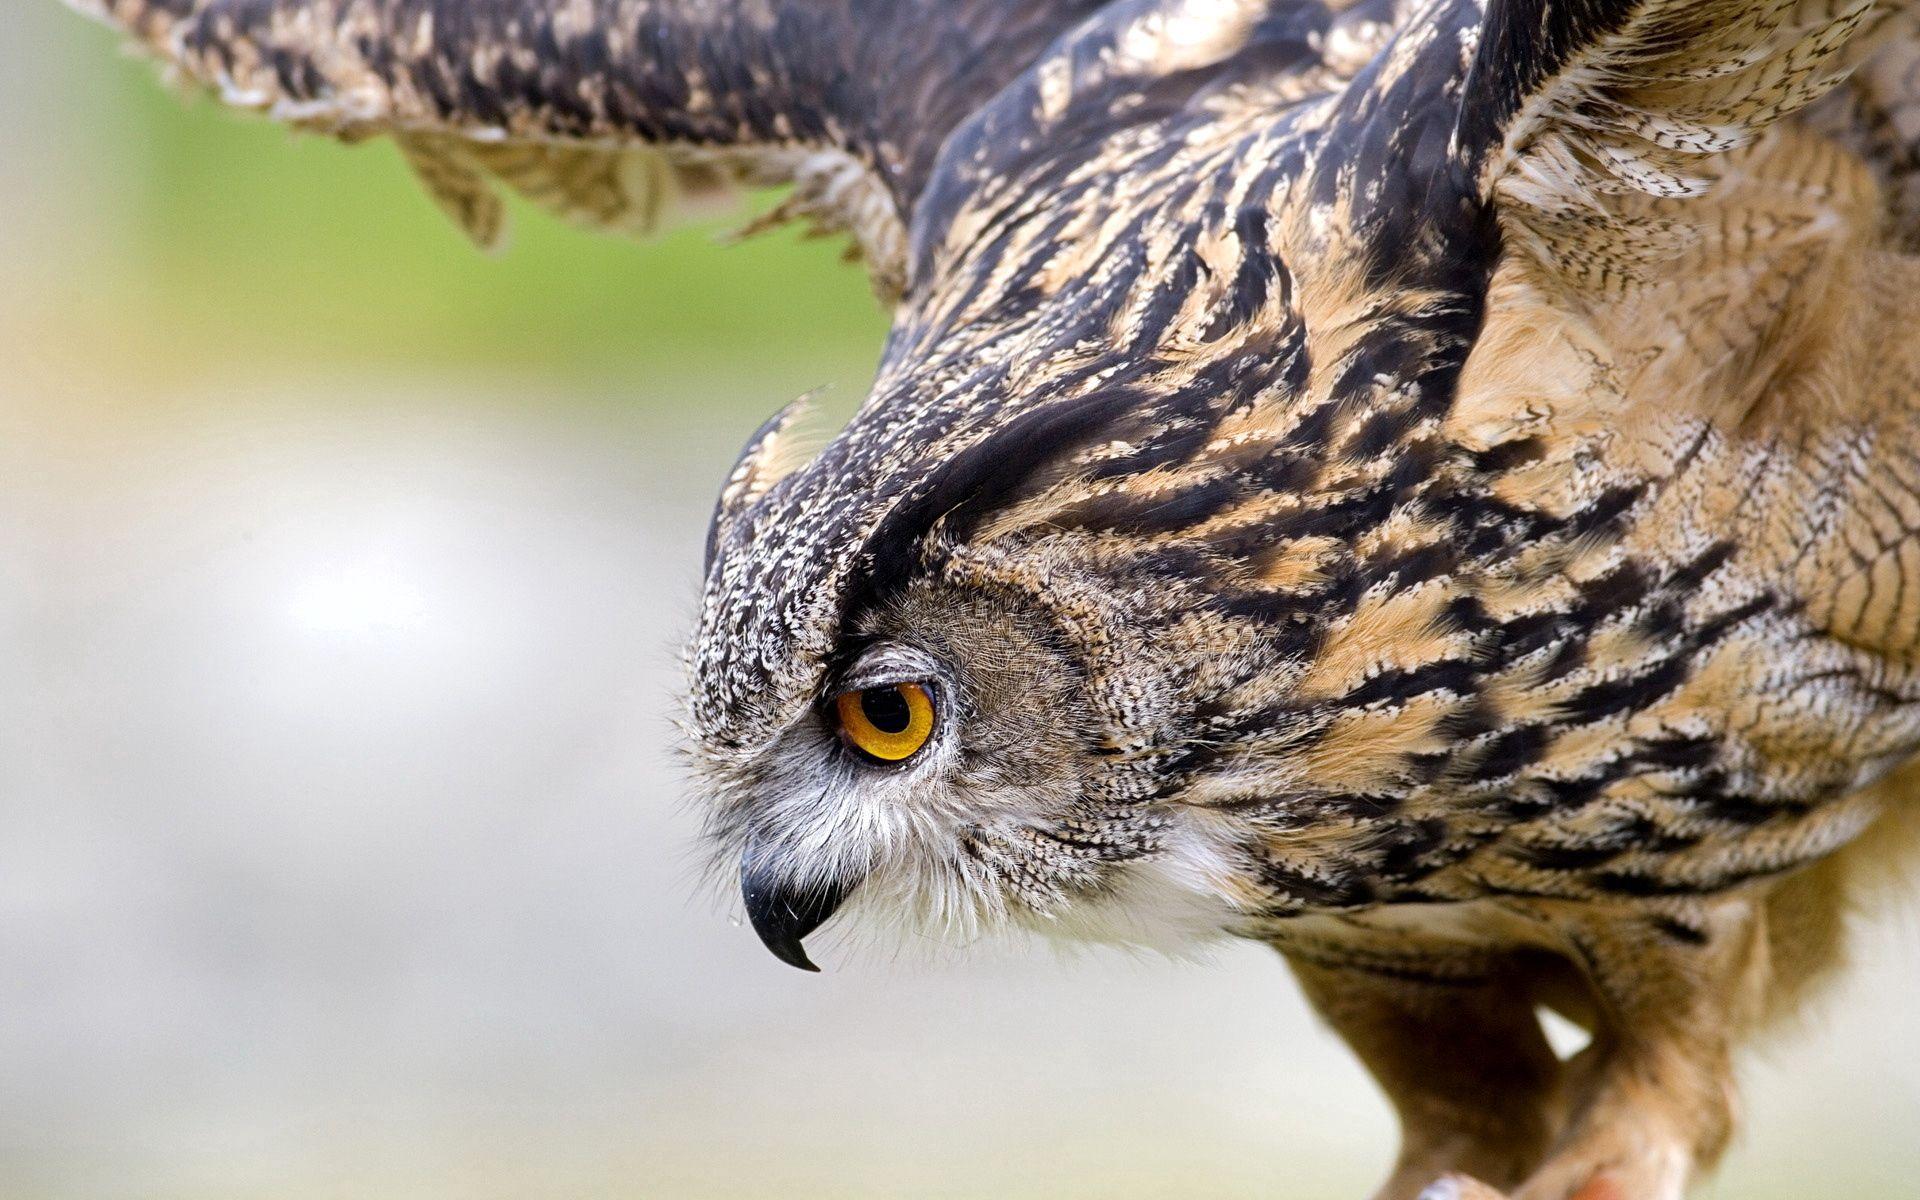 122281 Hintergrundbild herunterladen Tiere, Eule, Vogel, Raubtier, Predator, Welle, Fegen - Bildschirmschoner und Bilder kostenlos